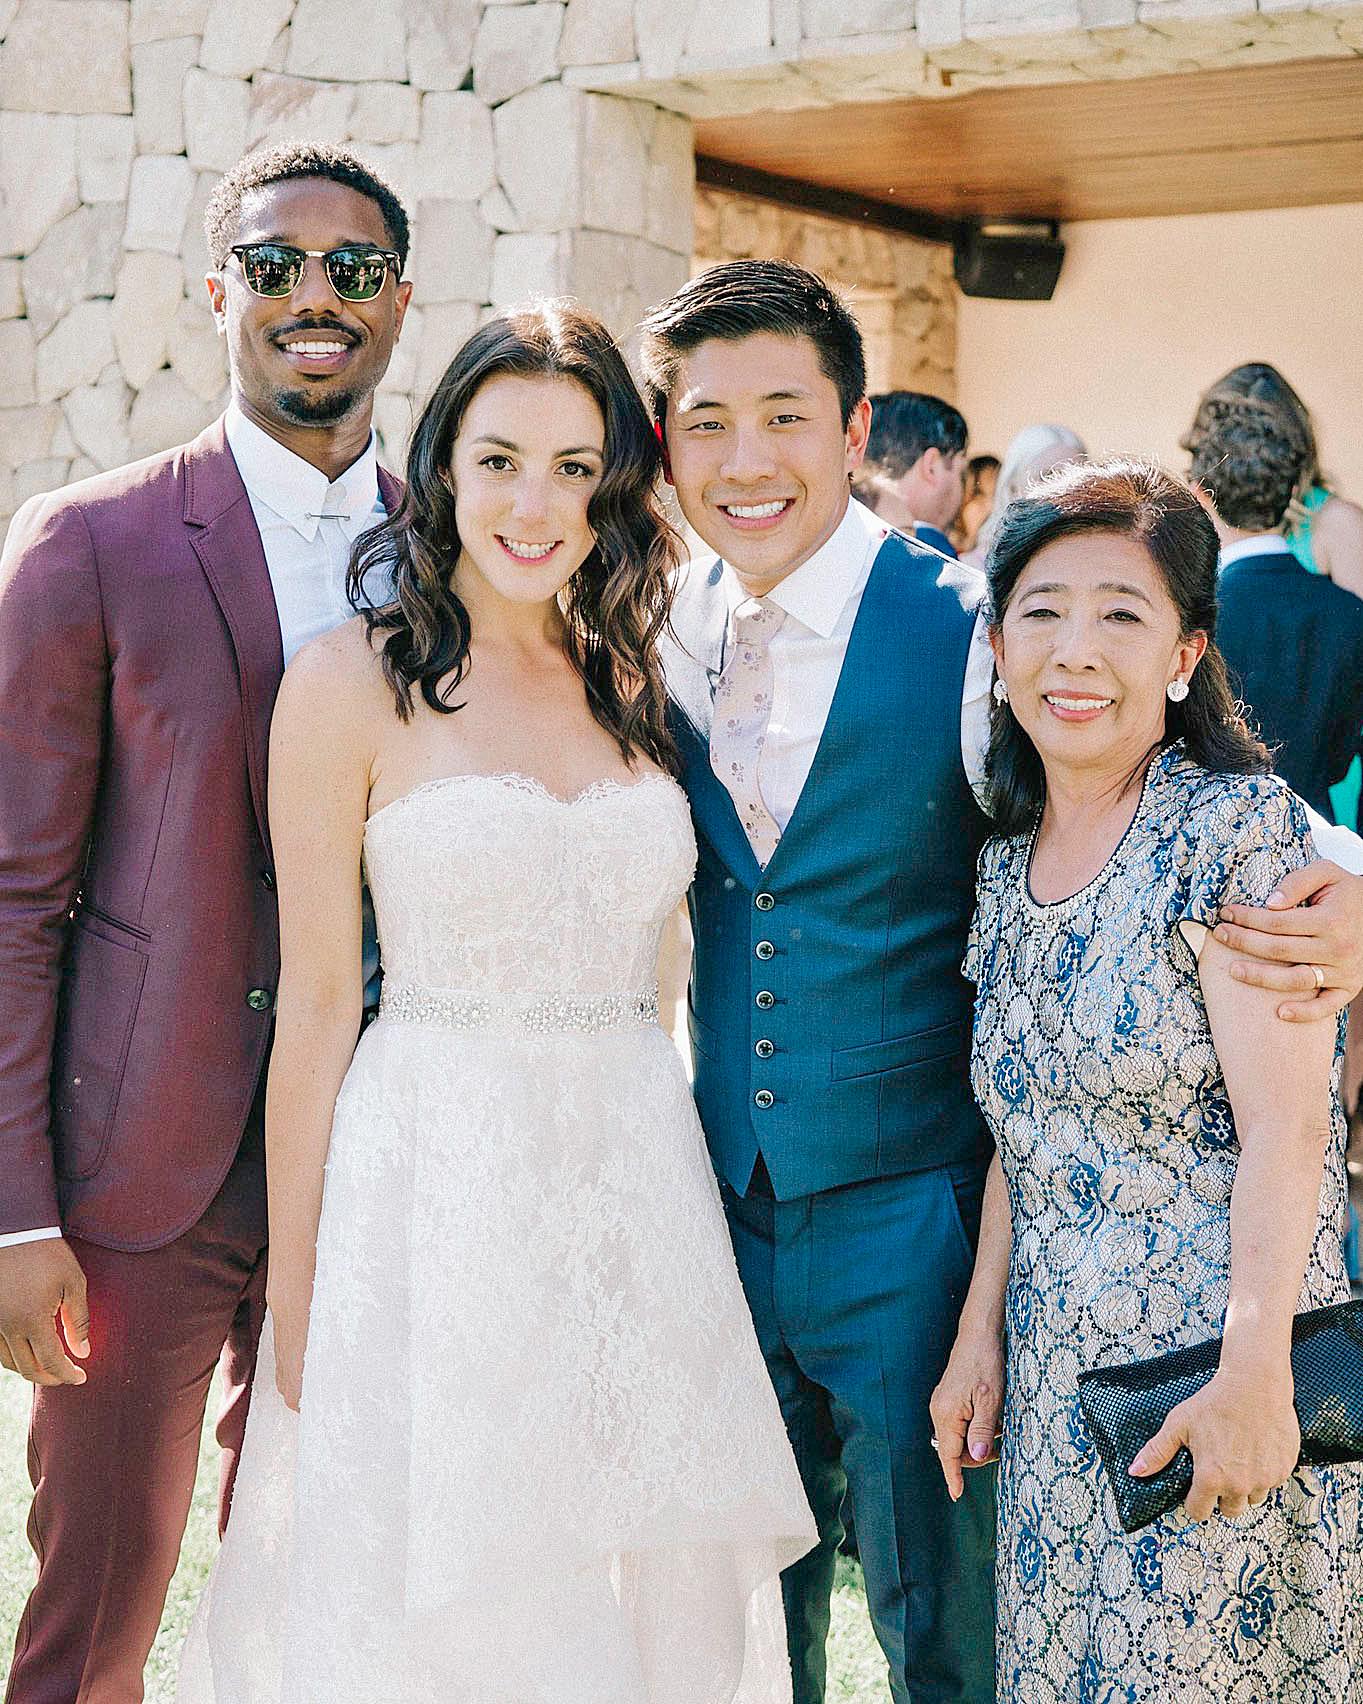 perri phil wedding guests